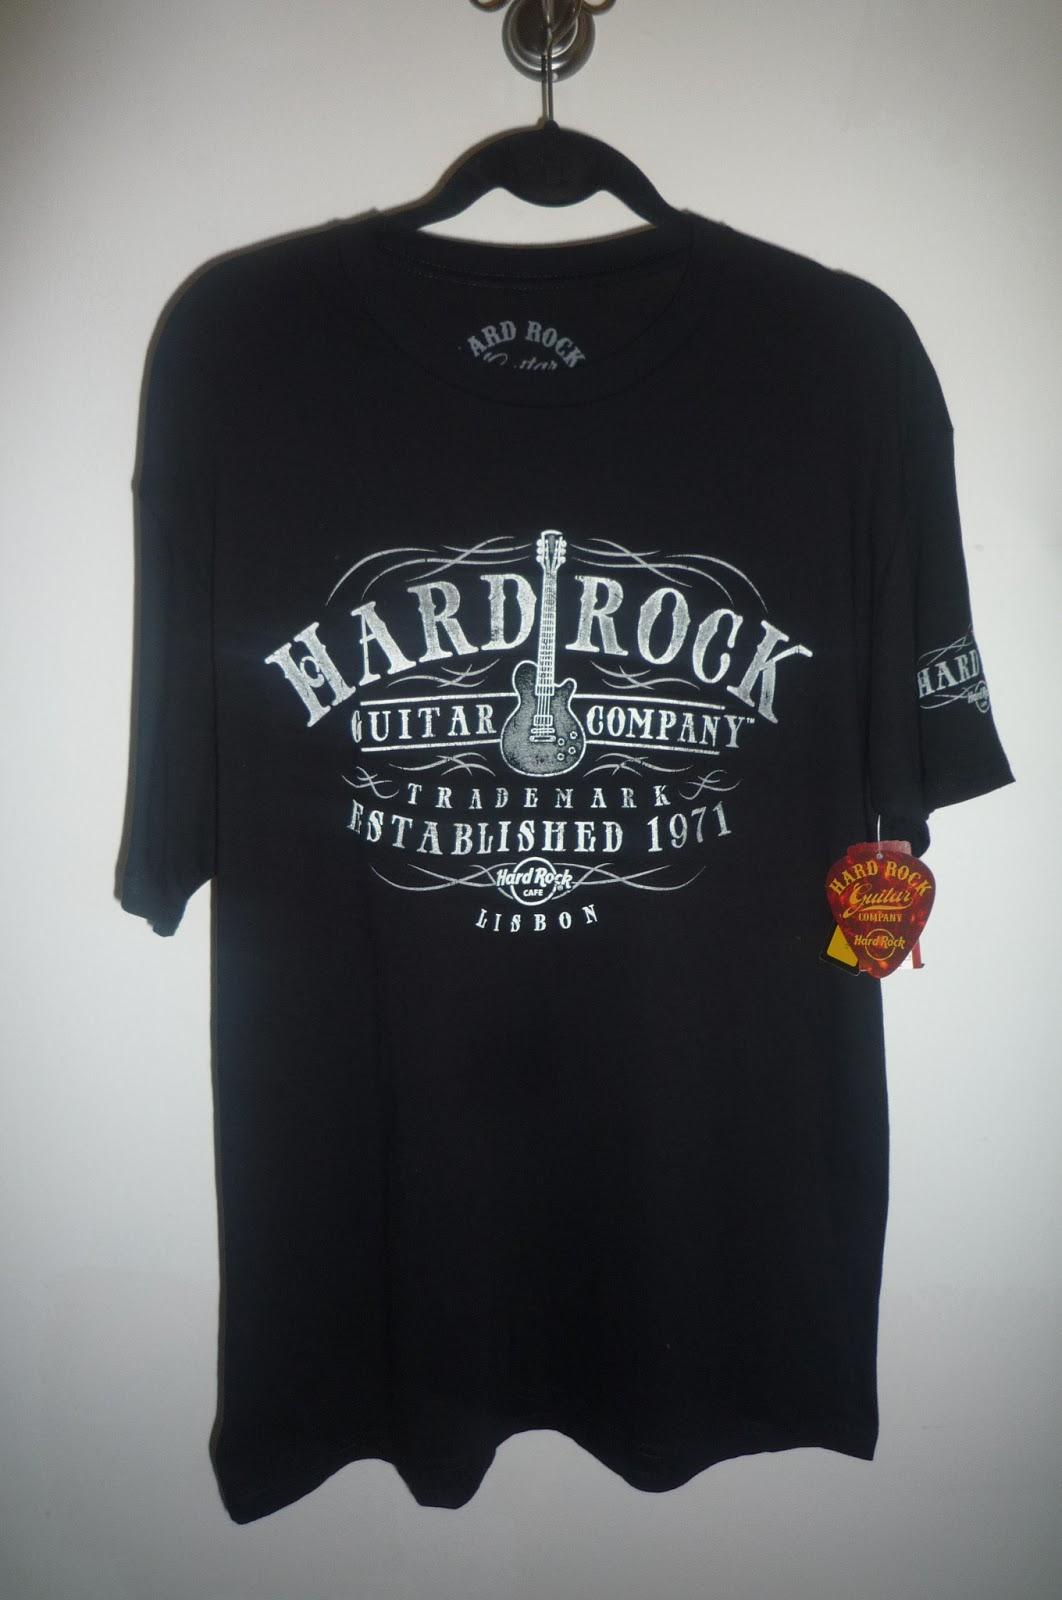 City hong rock online registration shirts hard no cafe t